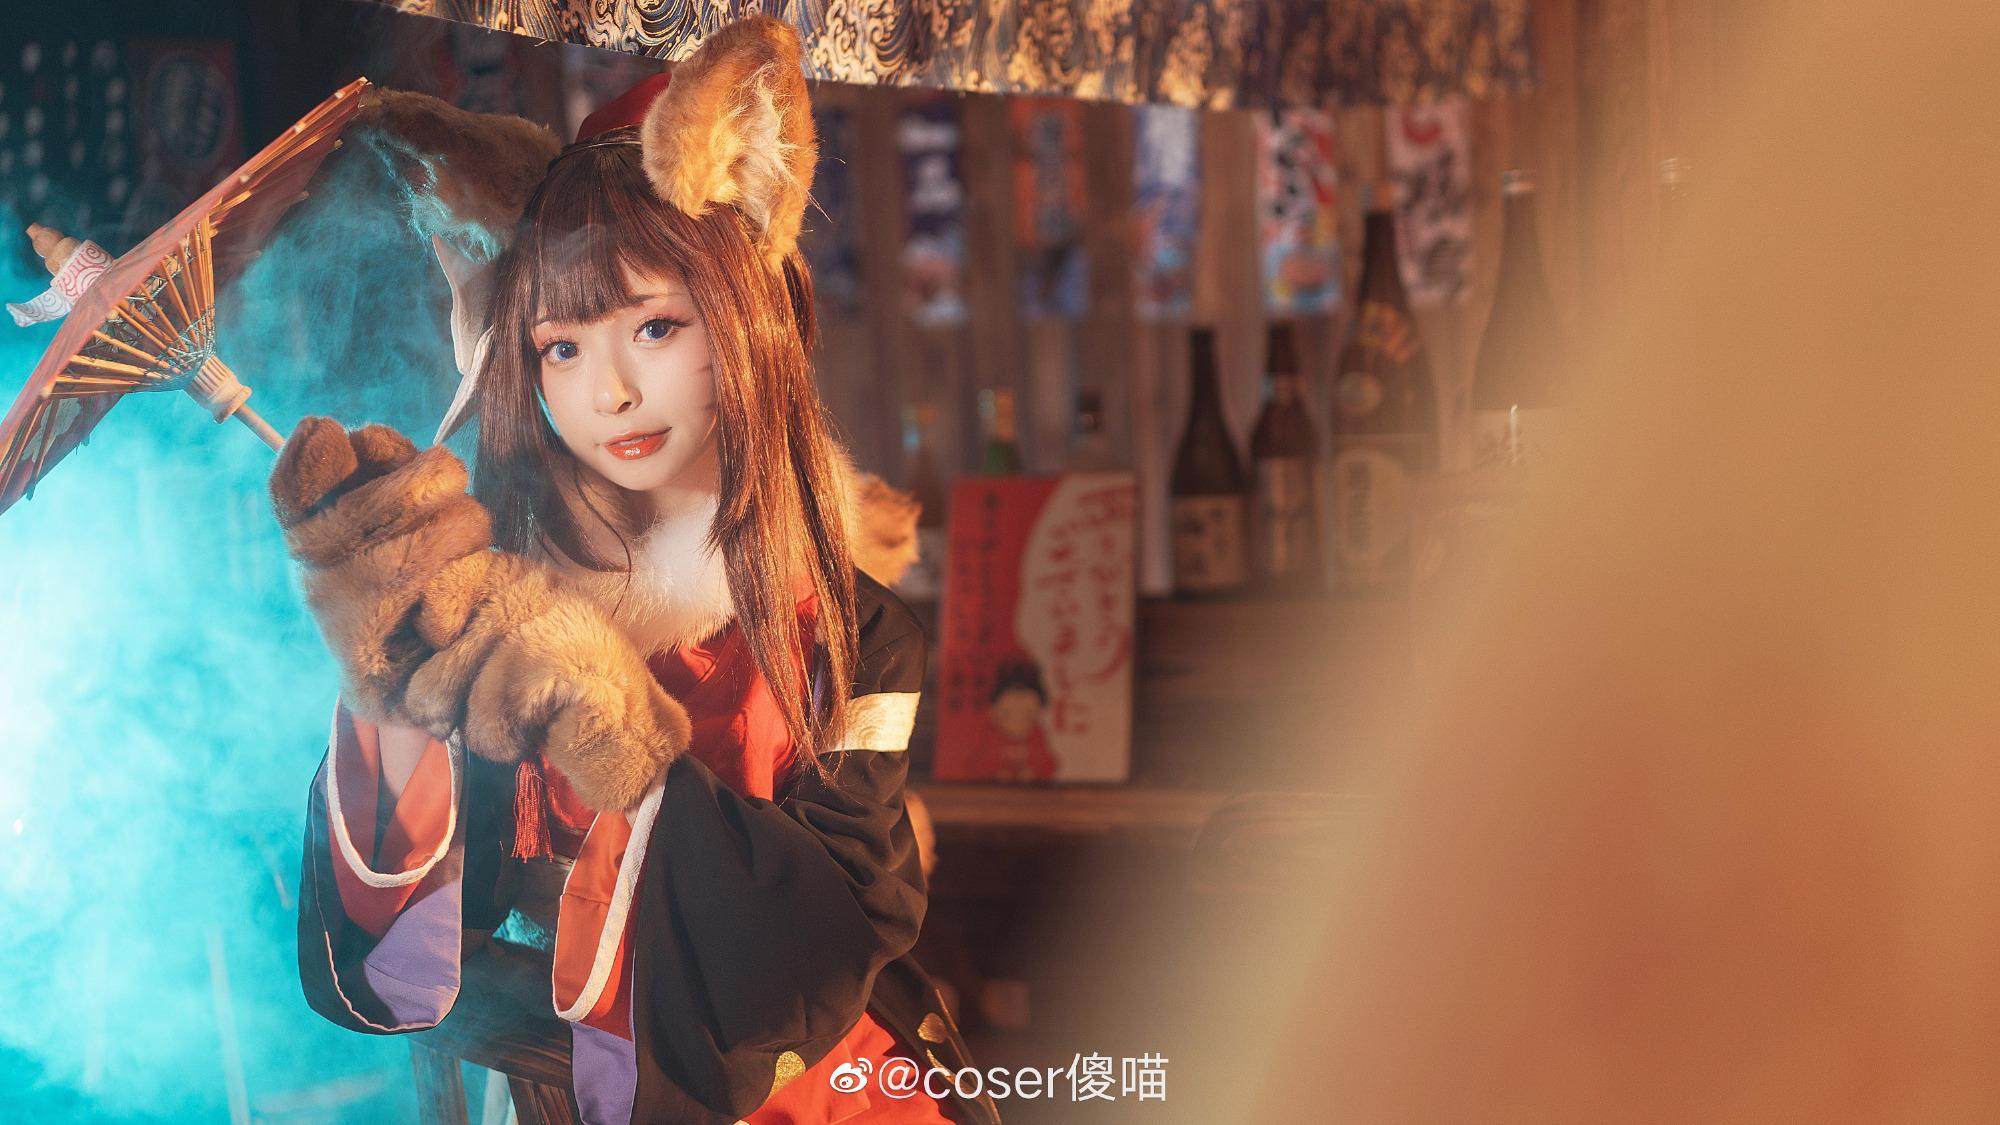 《阴阳师手游》推荐cosplay【CN:coser傻喵】-第3张